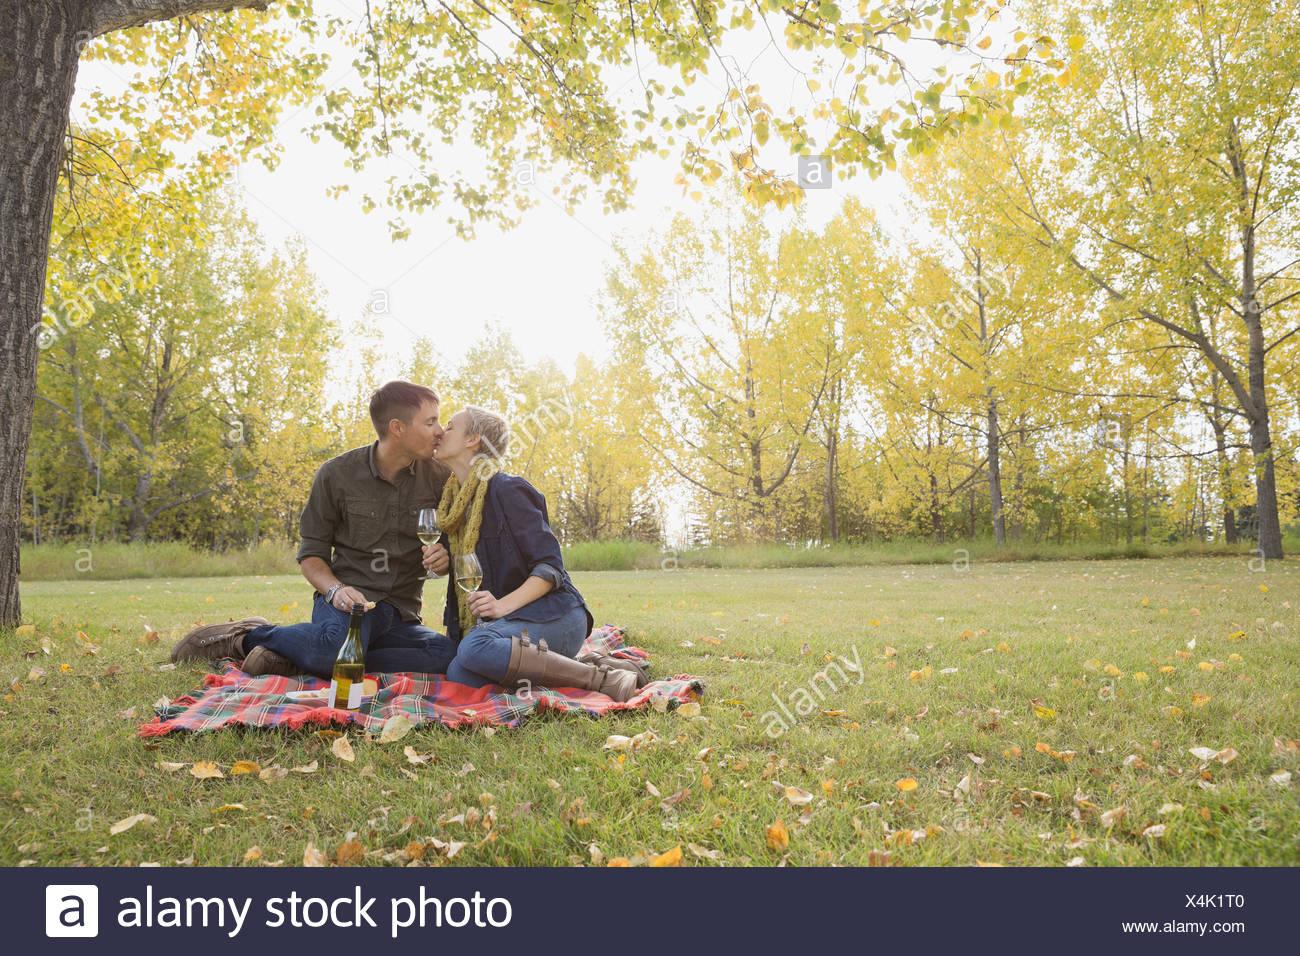 Amare giovane con wineglasses kissing in posizione di parcheggio Immagini Stock